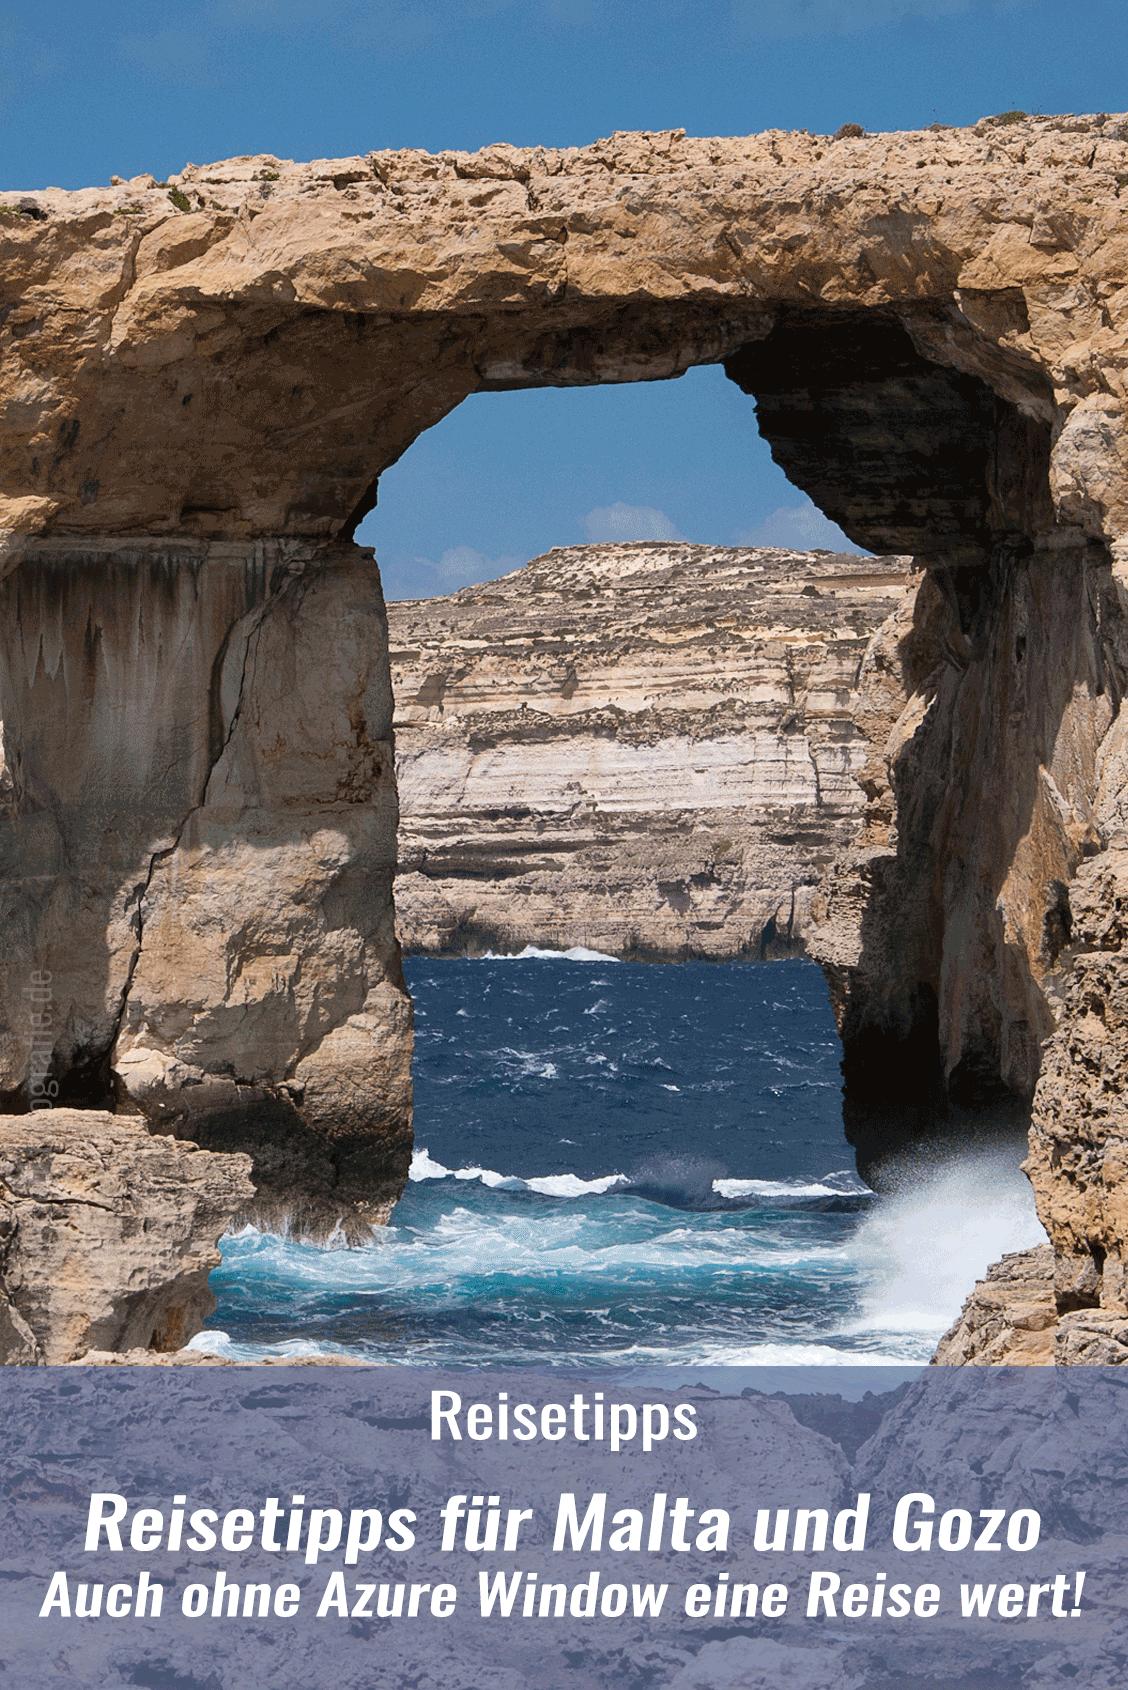 Reisetipps für Malta und Gozo